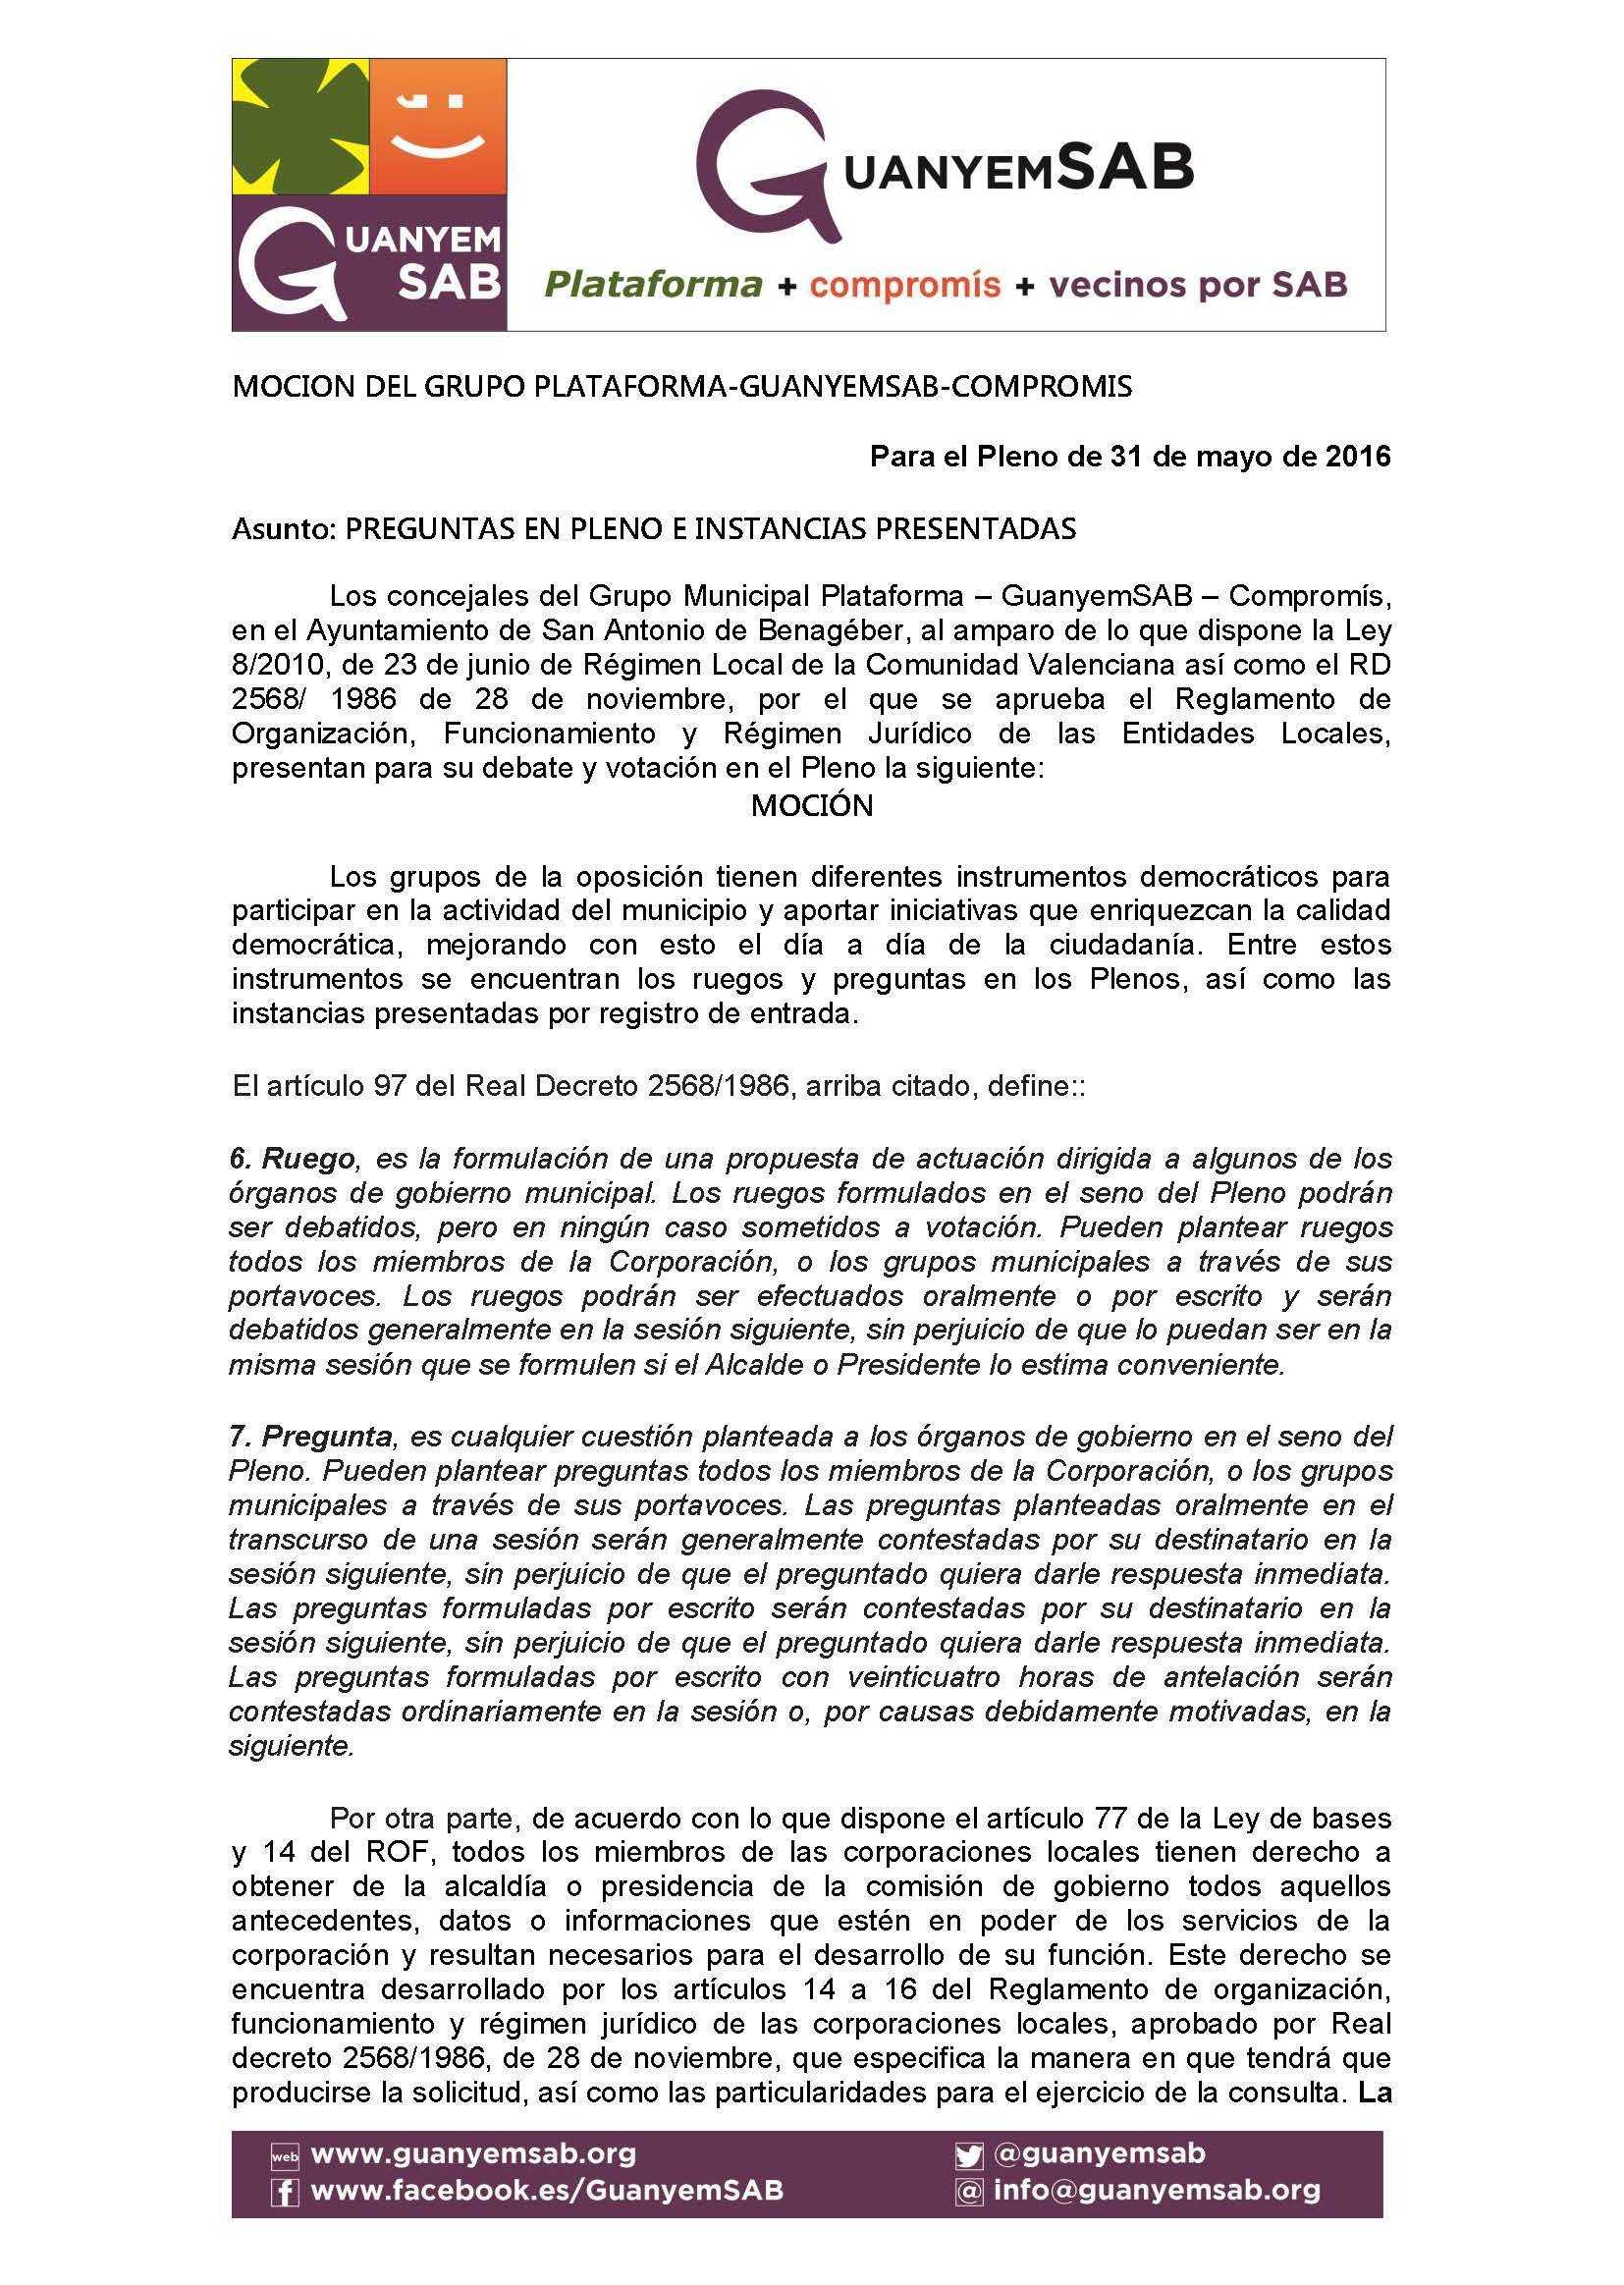 5.- MOCION SEGUIMIENTO PREGUNTAS EN PLENO E INSTANCIAS V2 sin p3 (1)_Página_1